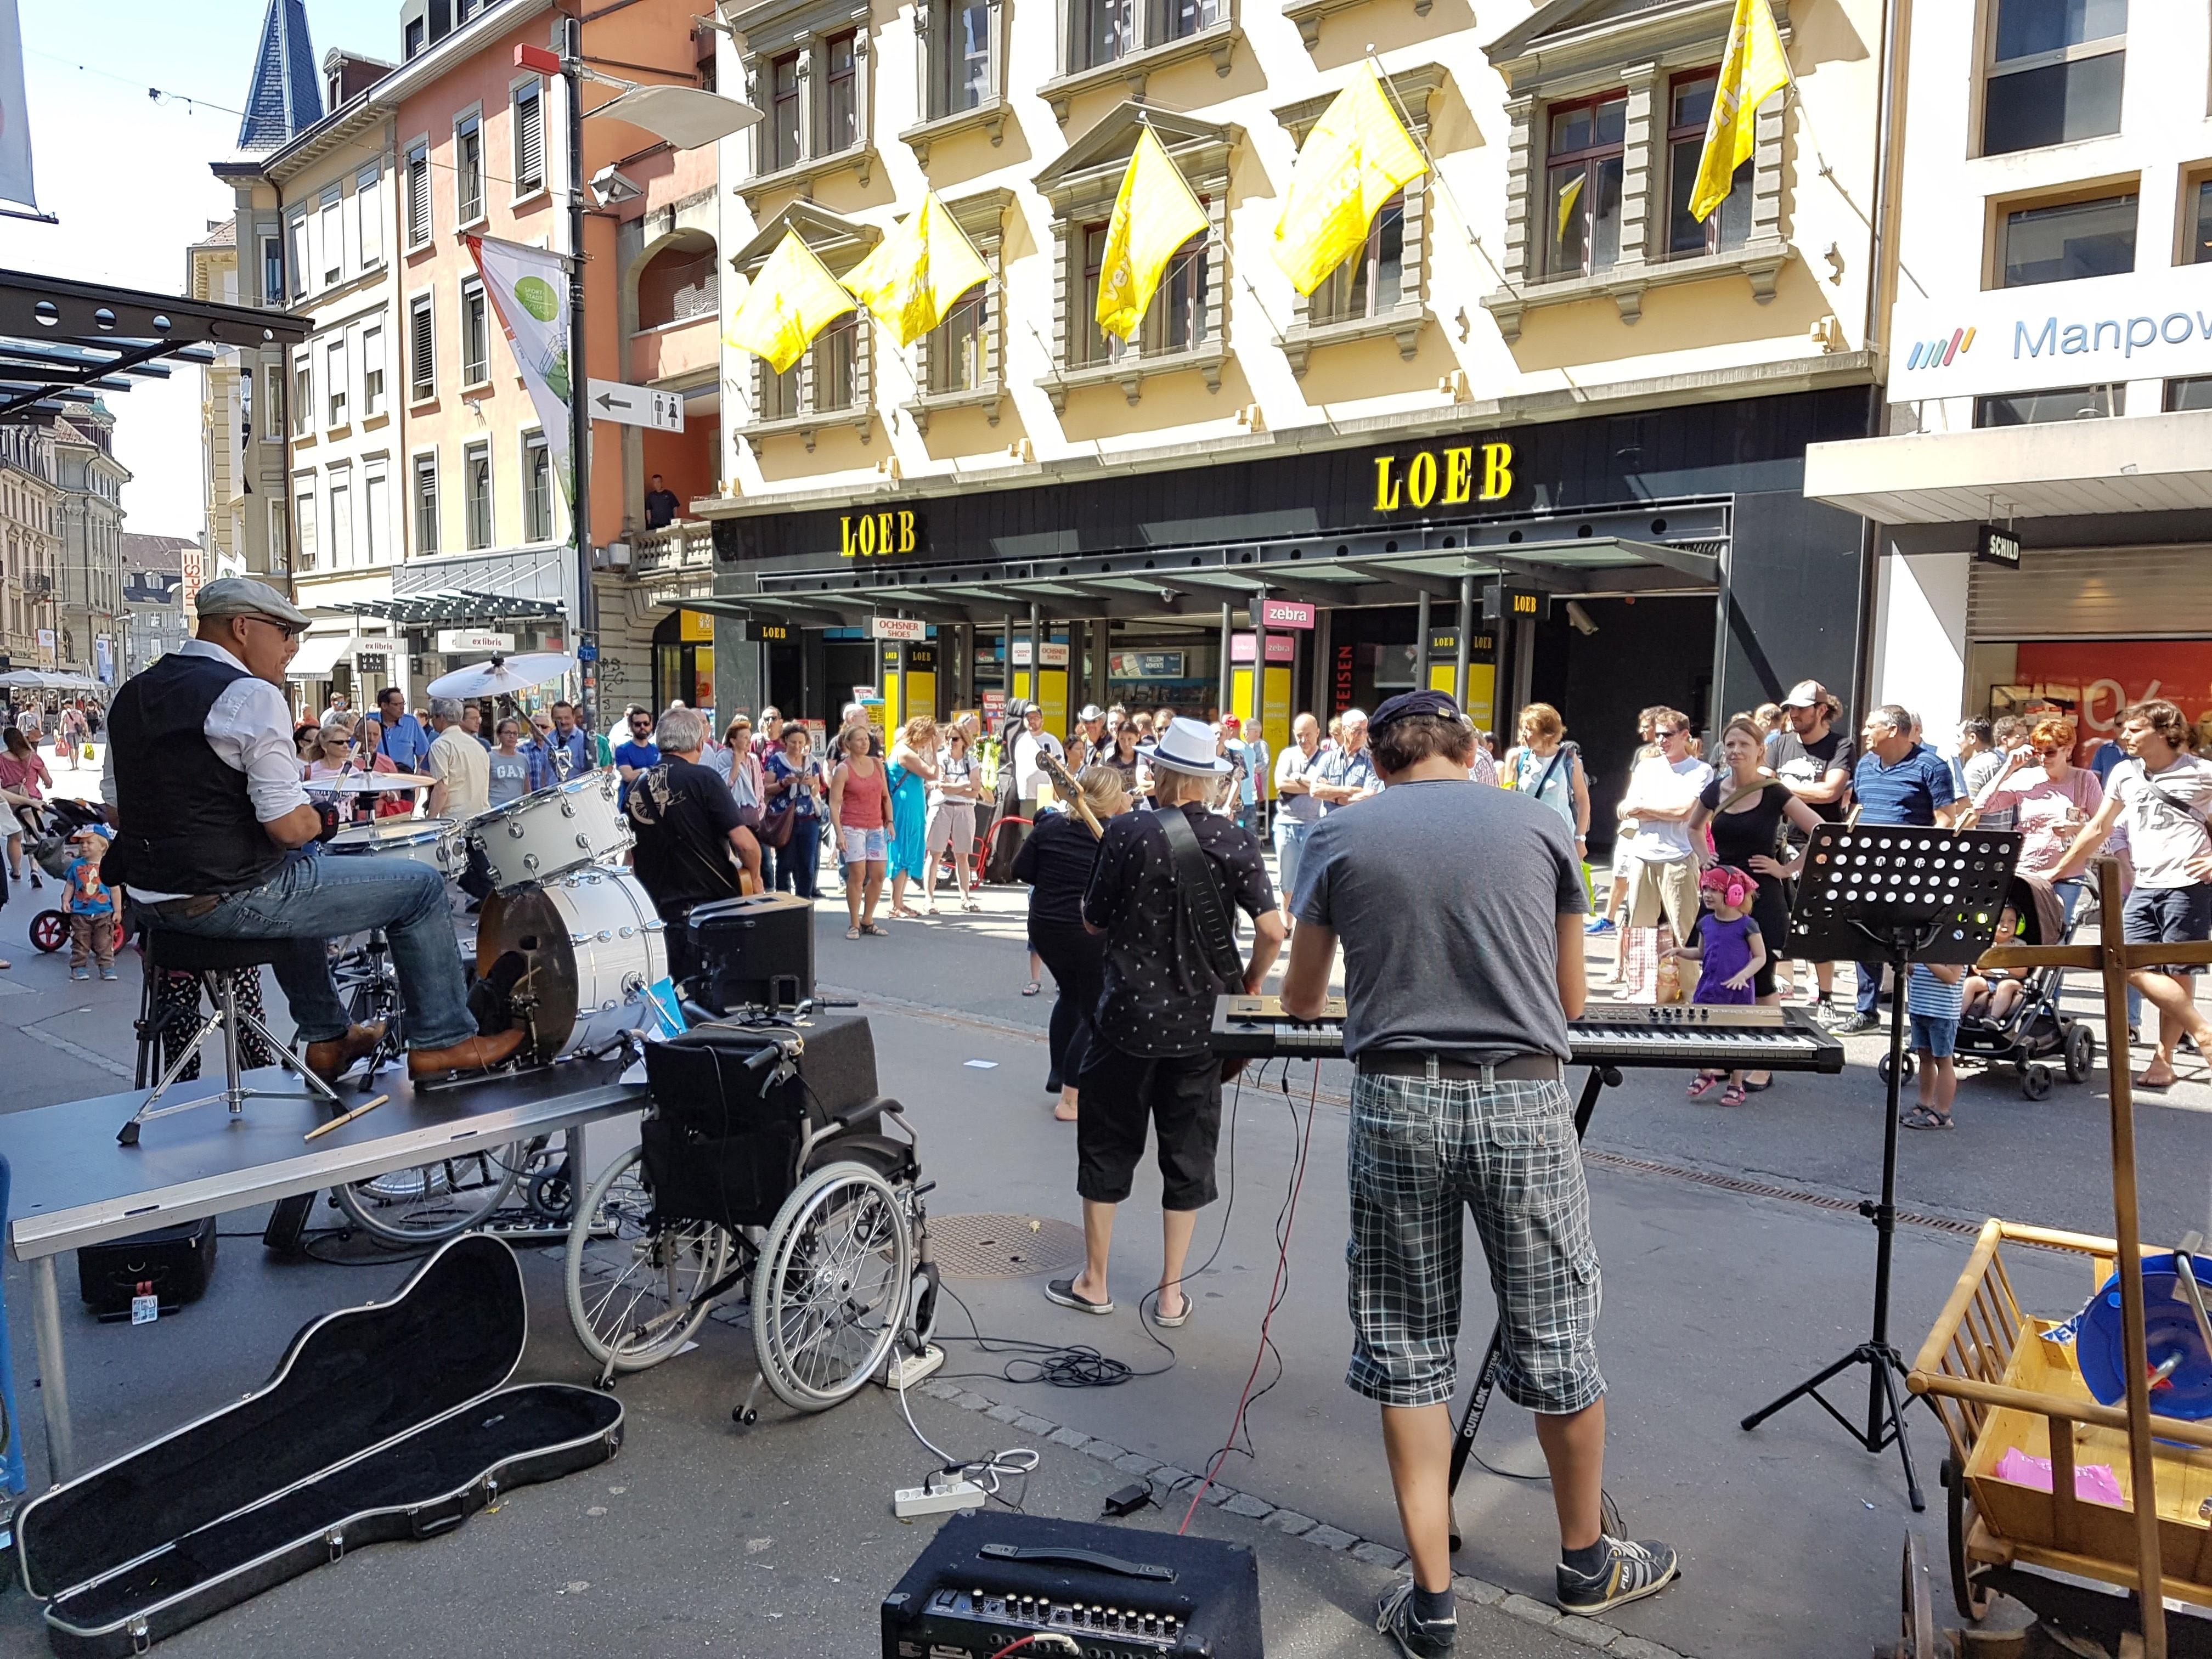 Auf einer Einkaufsstrasse haben sich viele Menschen um 4 Musiker herum versammelt. Diese bestehen aus einem Schlagzeug, einem E-Piano und 2 Gitarren.